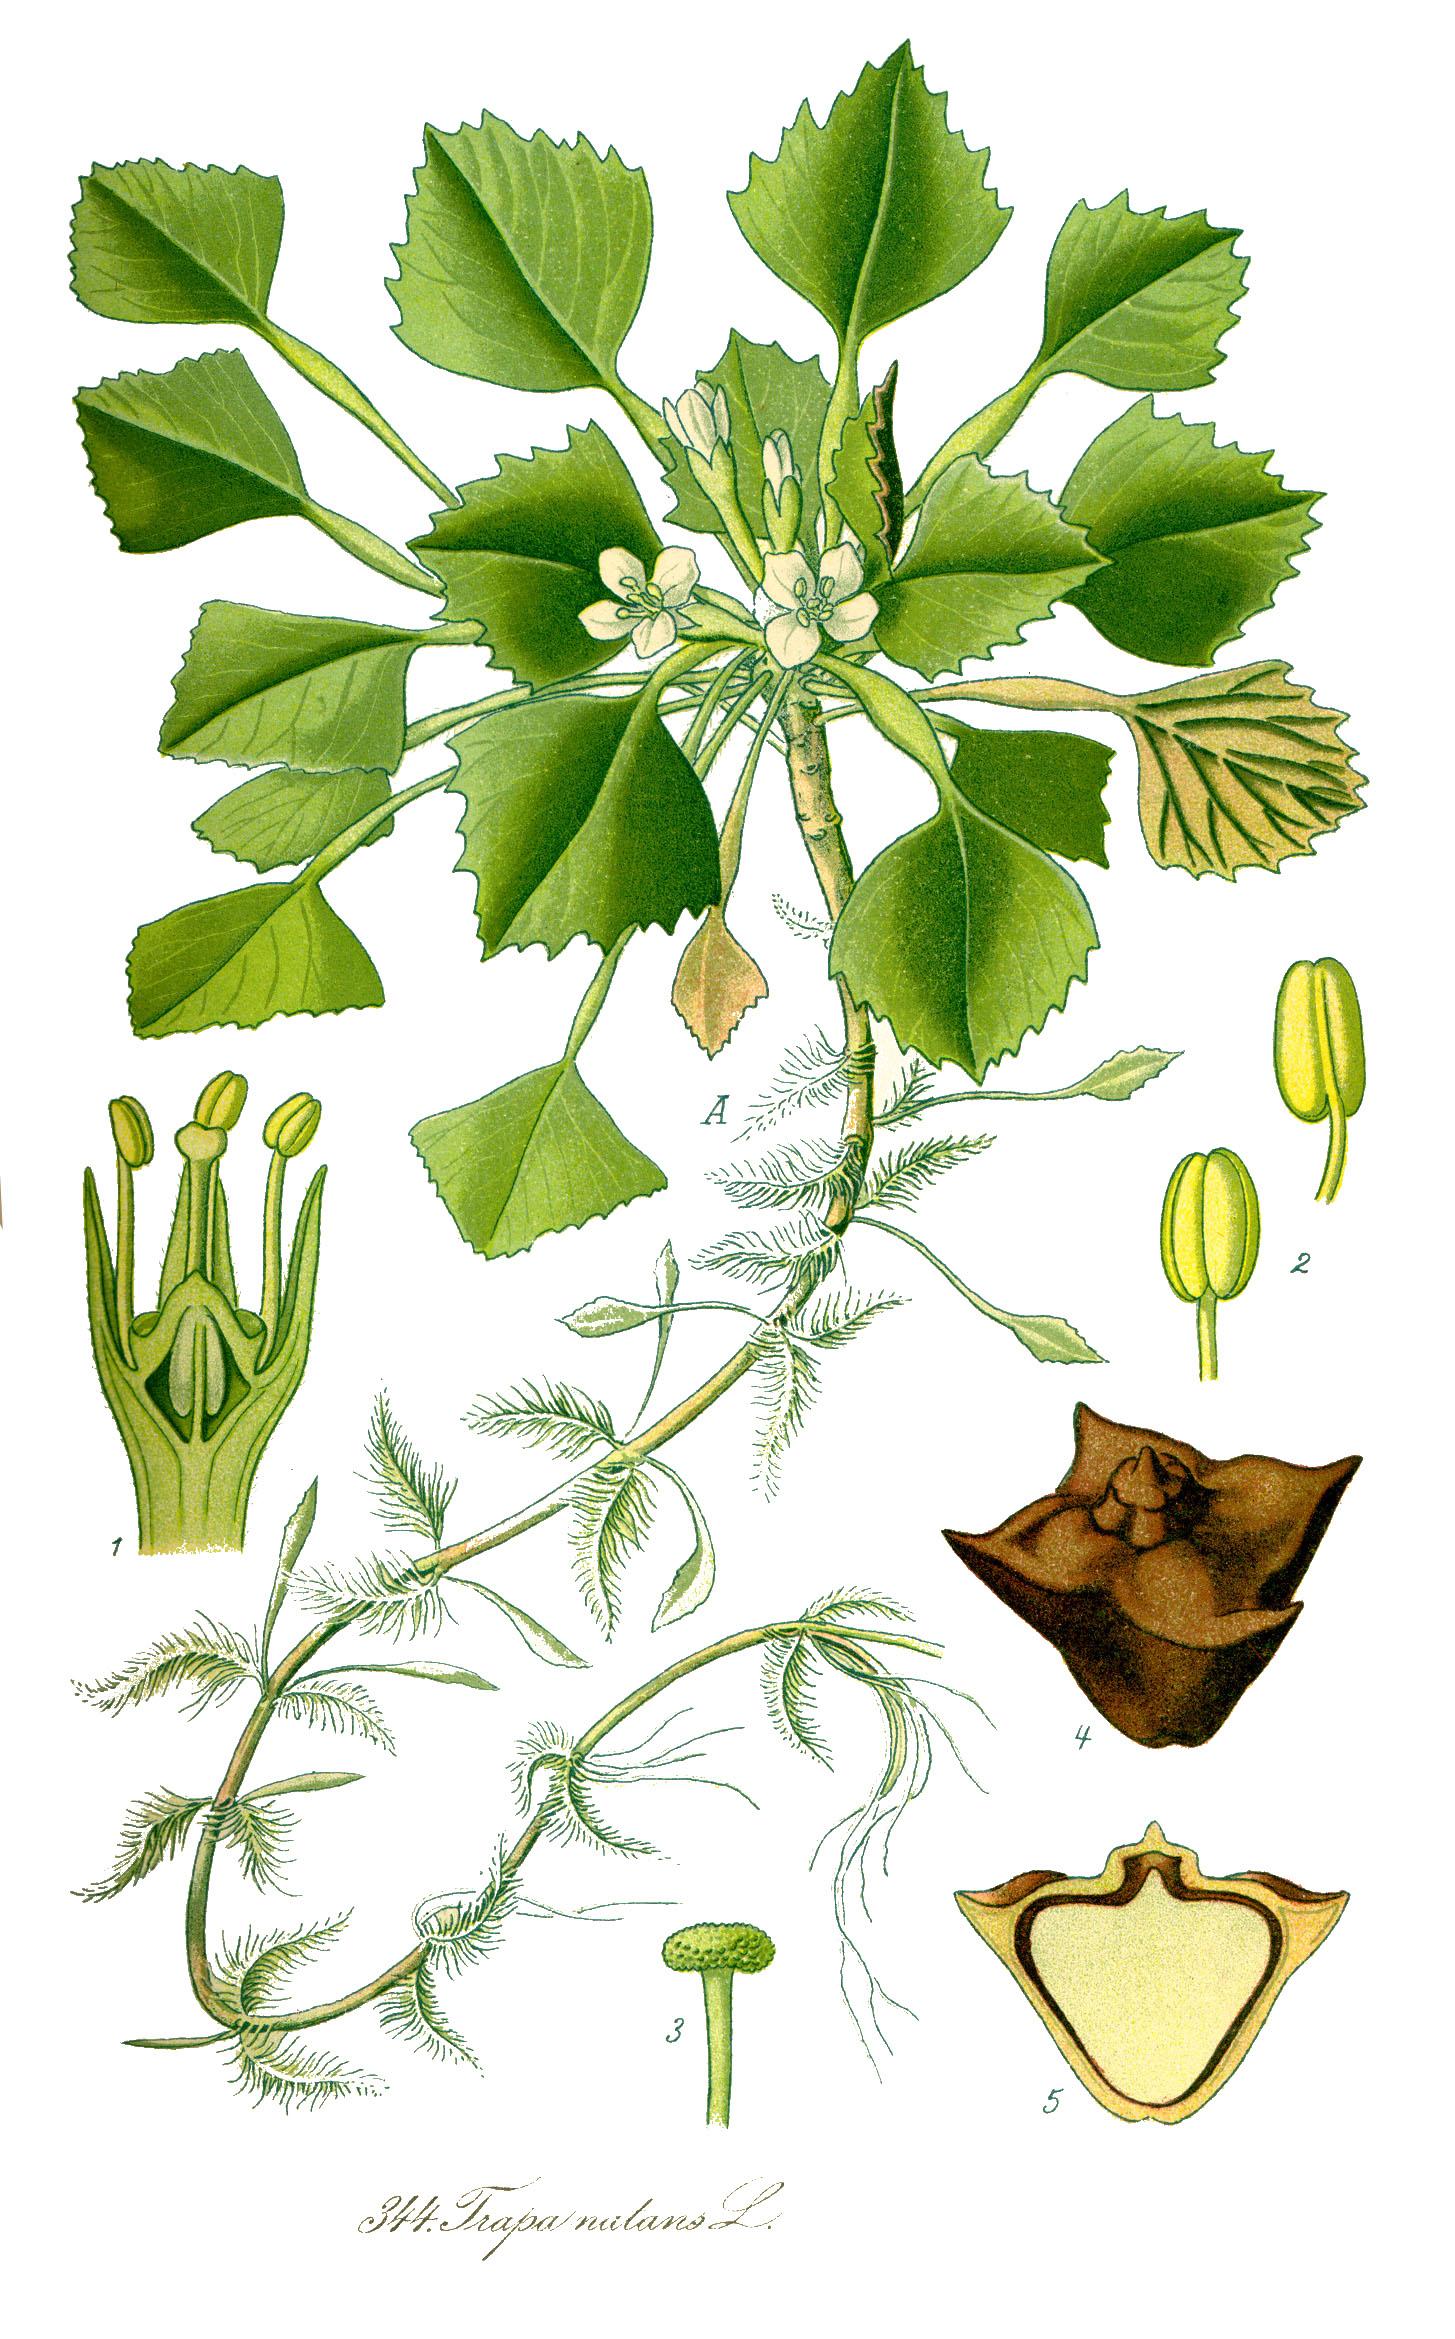 Vesipähkinä on tärkkelyspitoinen kasvi, jonka sukulaisia käÿtetään edelleen aasiassa ravinnoksi.